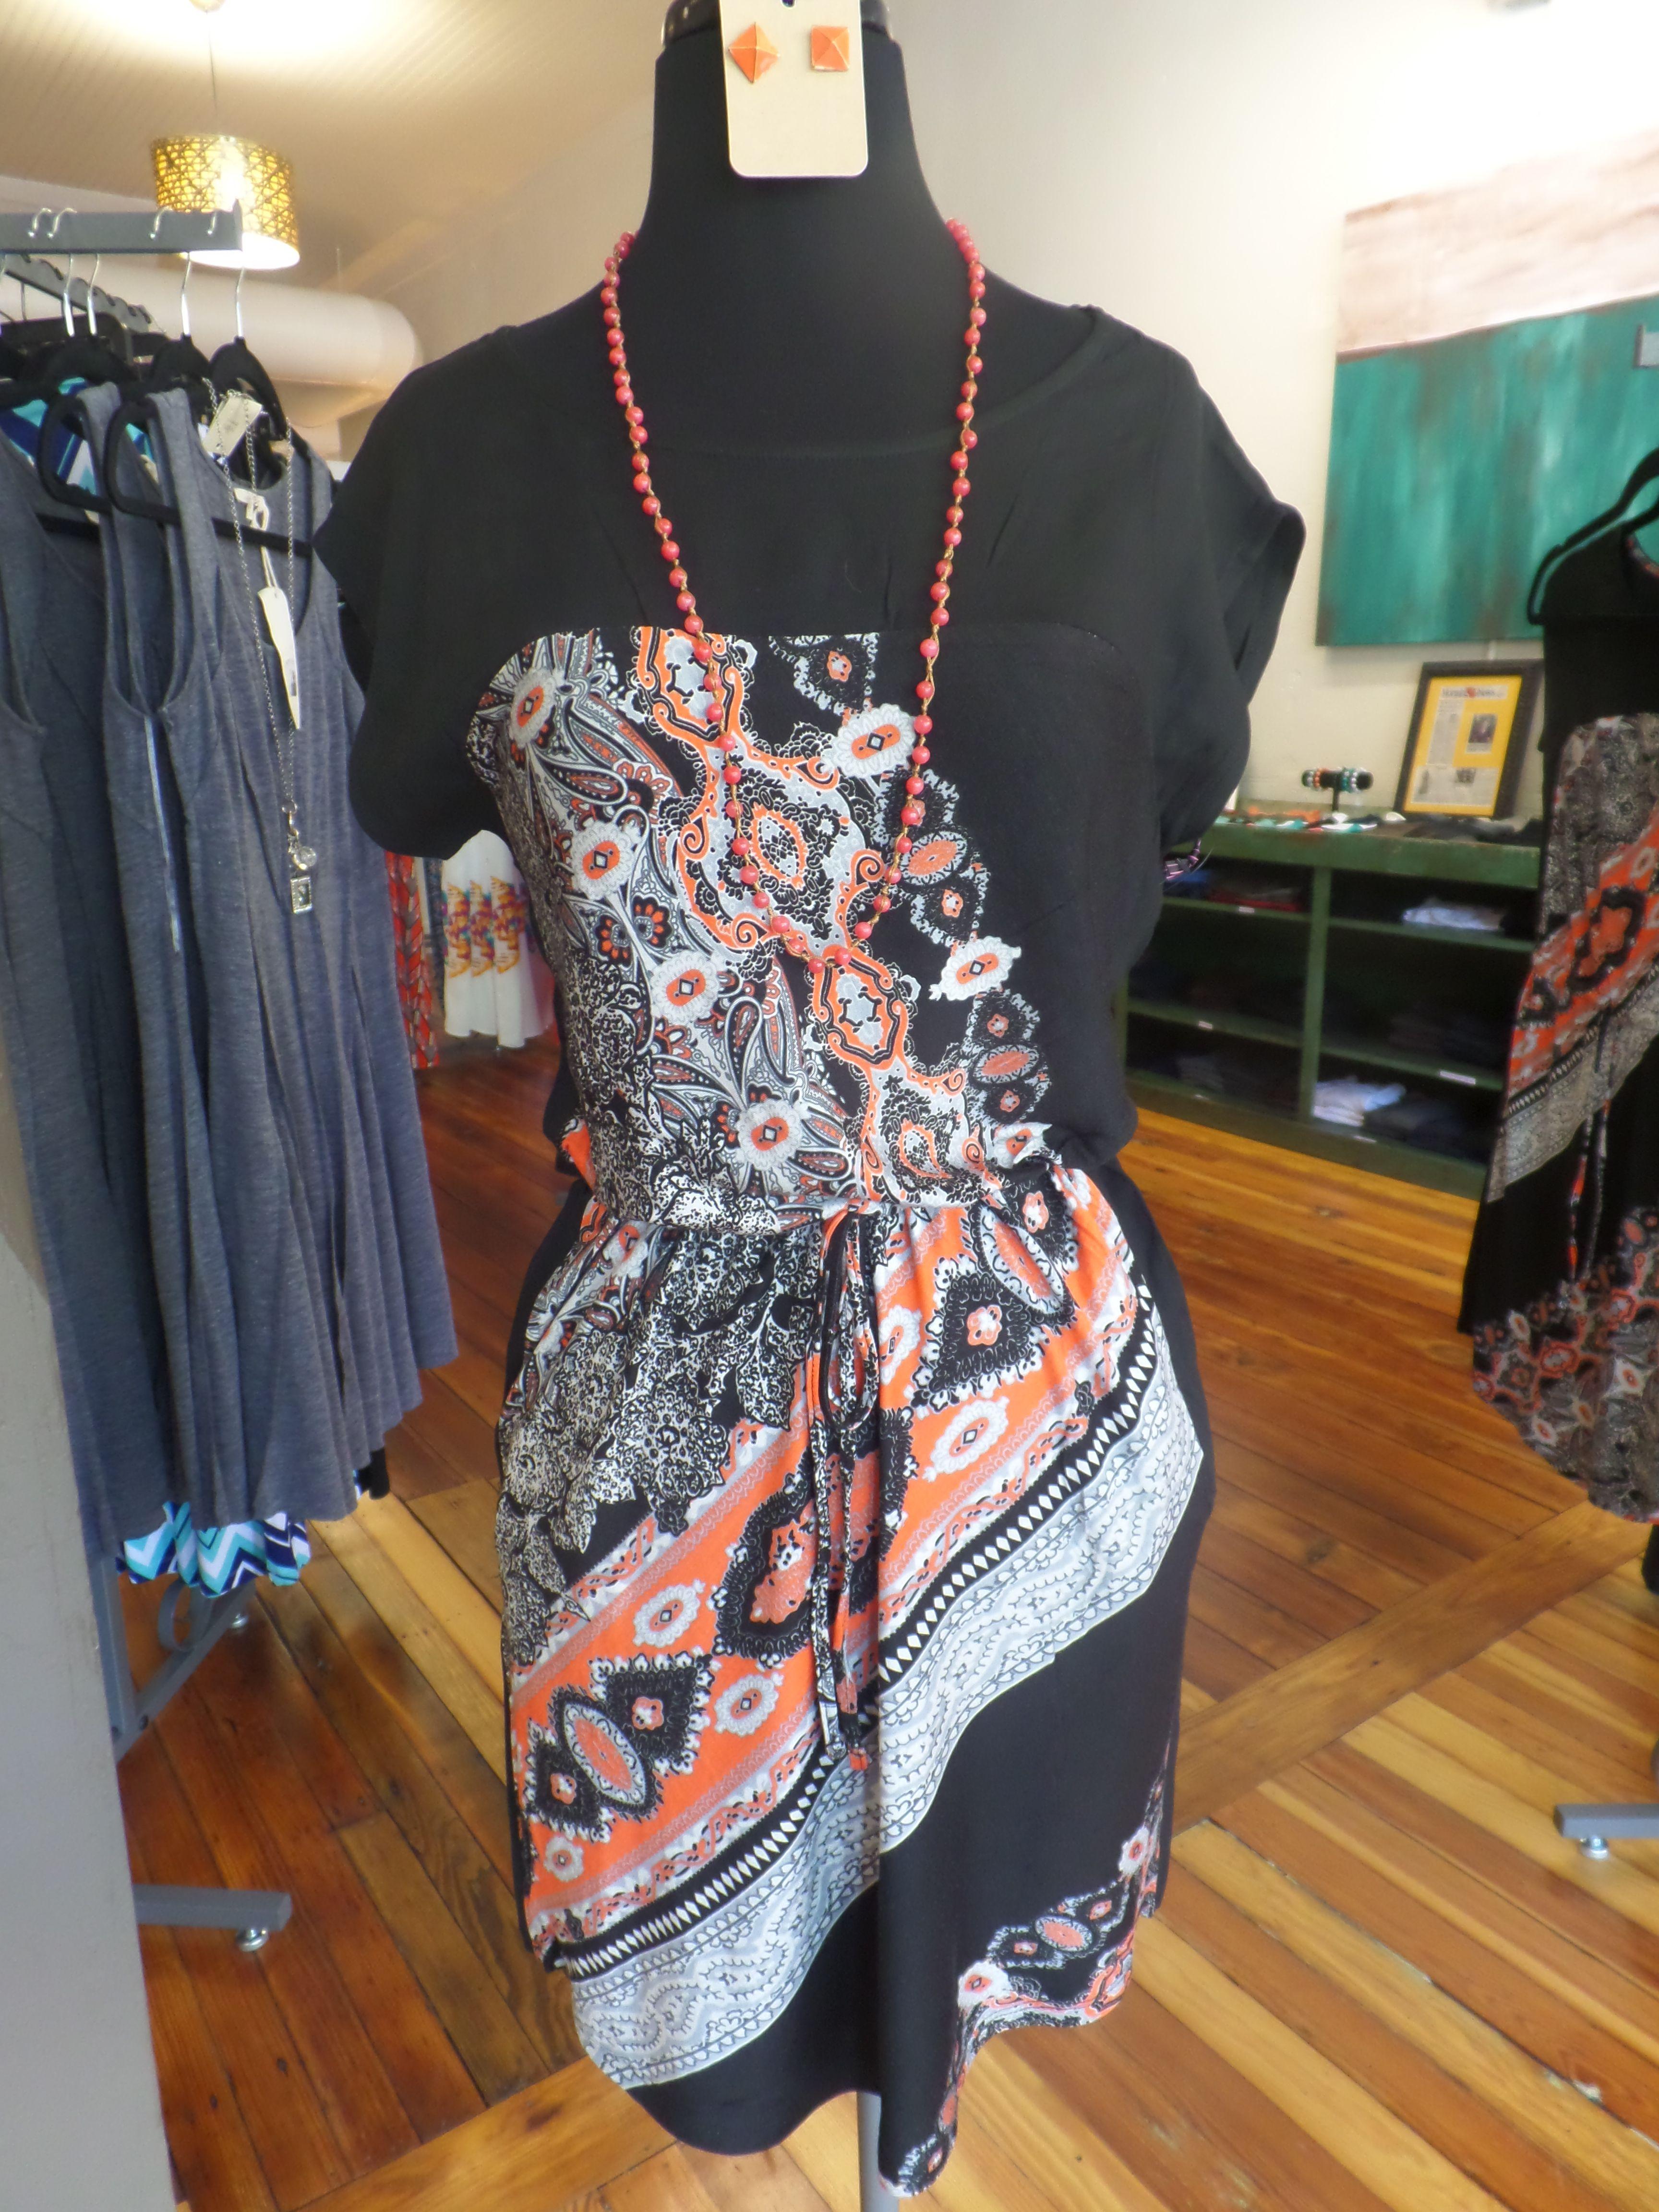 Super cute dress!!